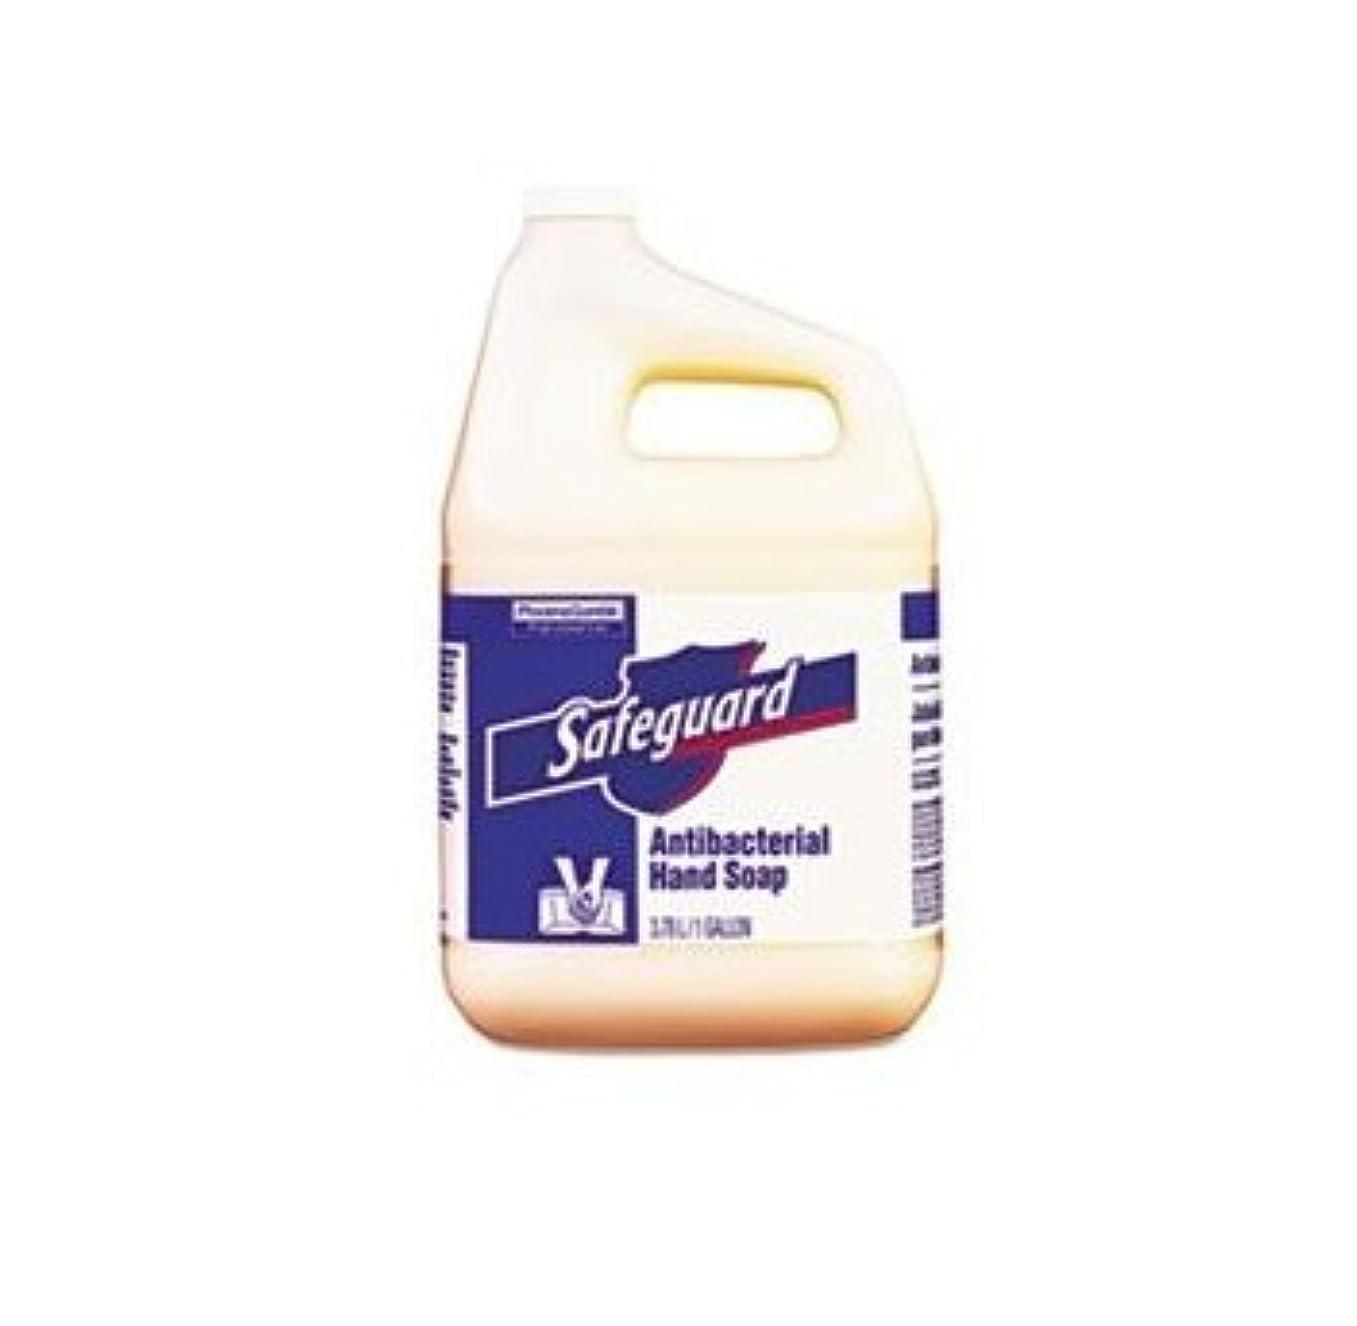 リンス消費カートリッジAntibacterial Liquid Hand Soap, 1gal Bottle, 2/Carton by Reg